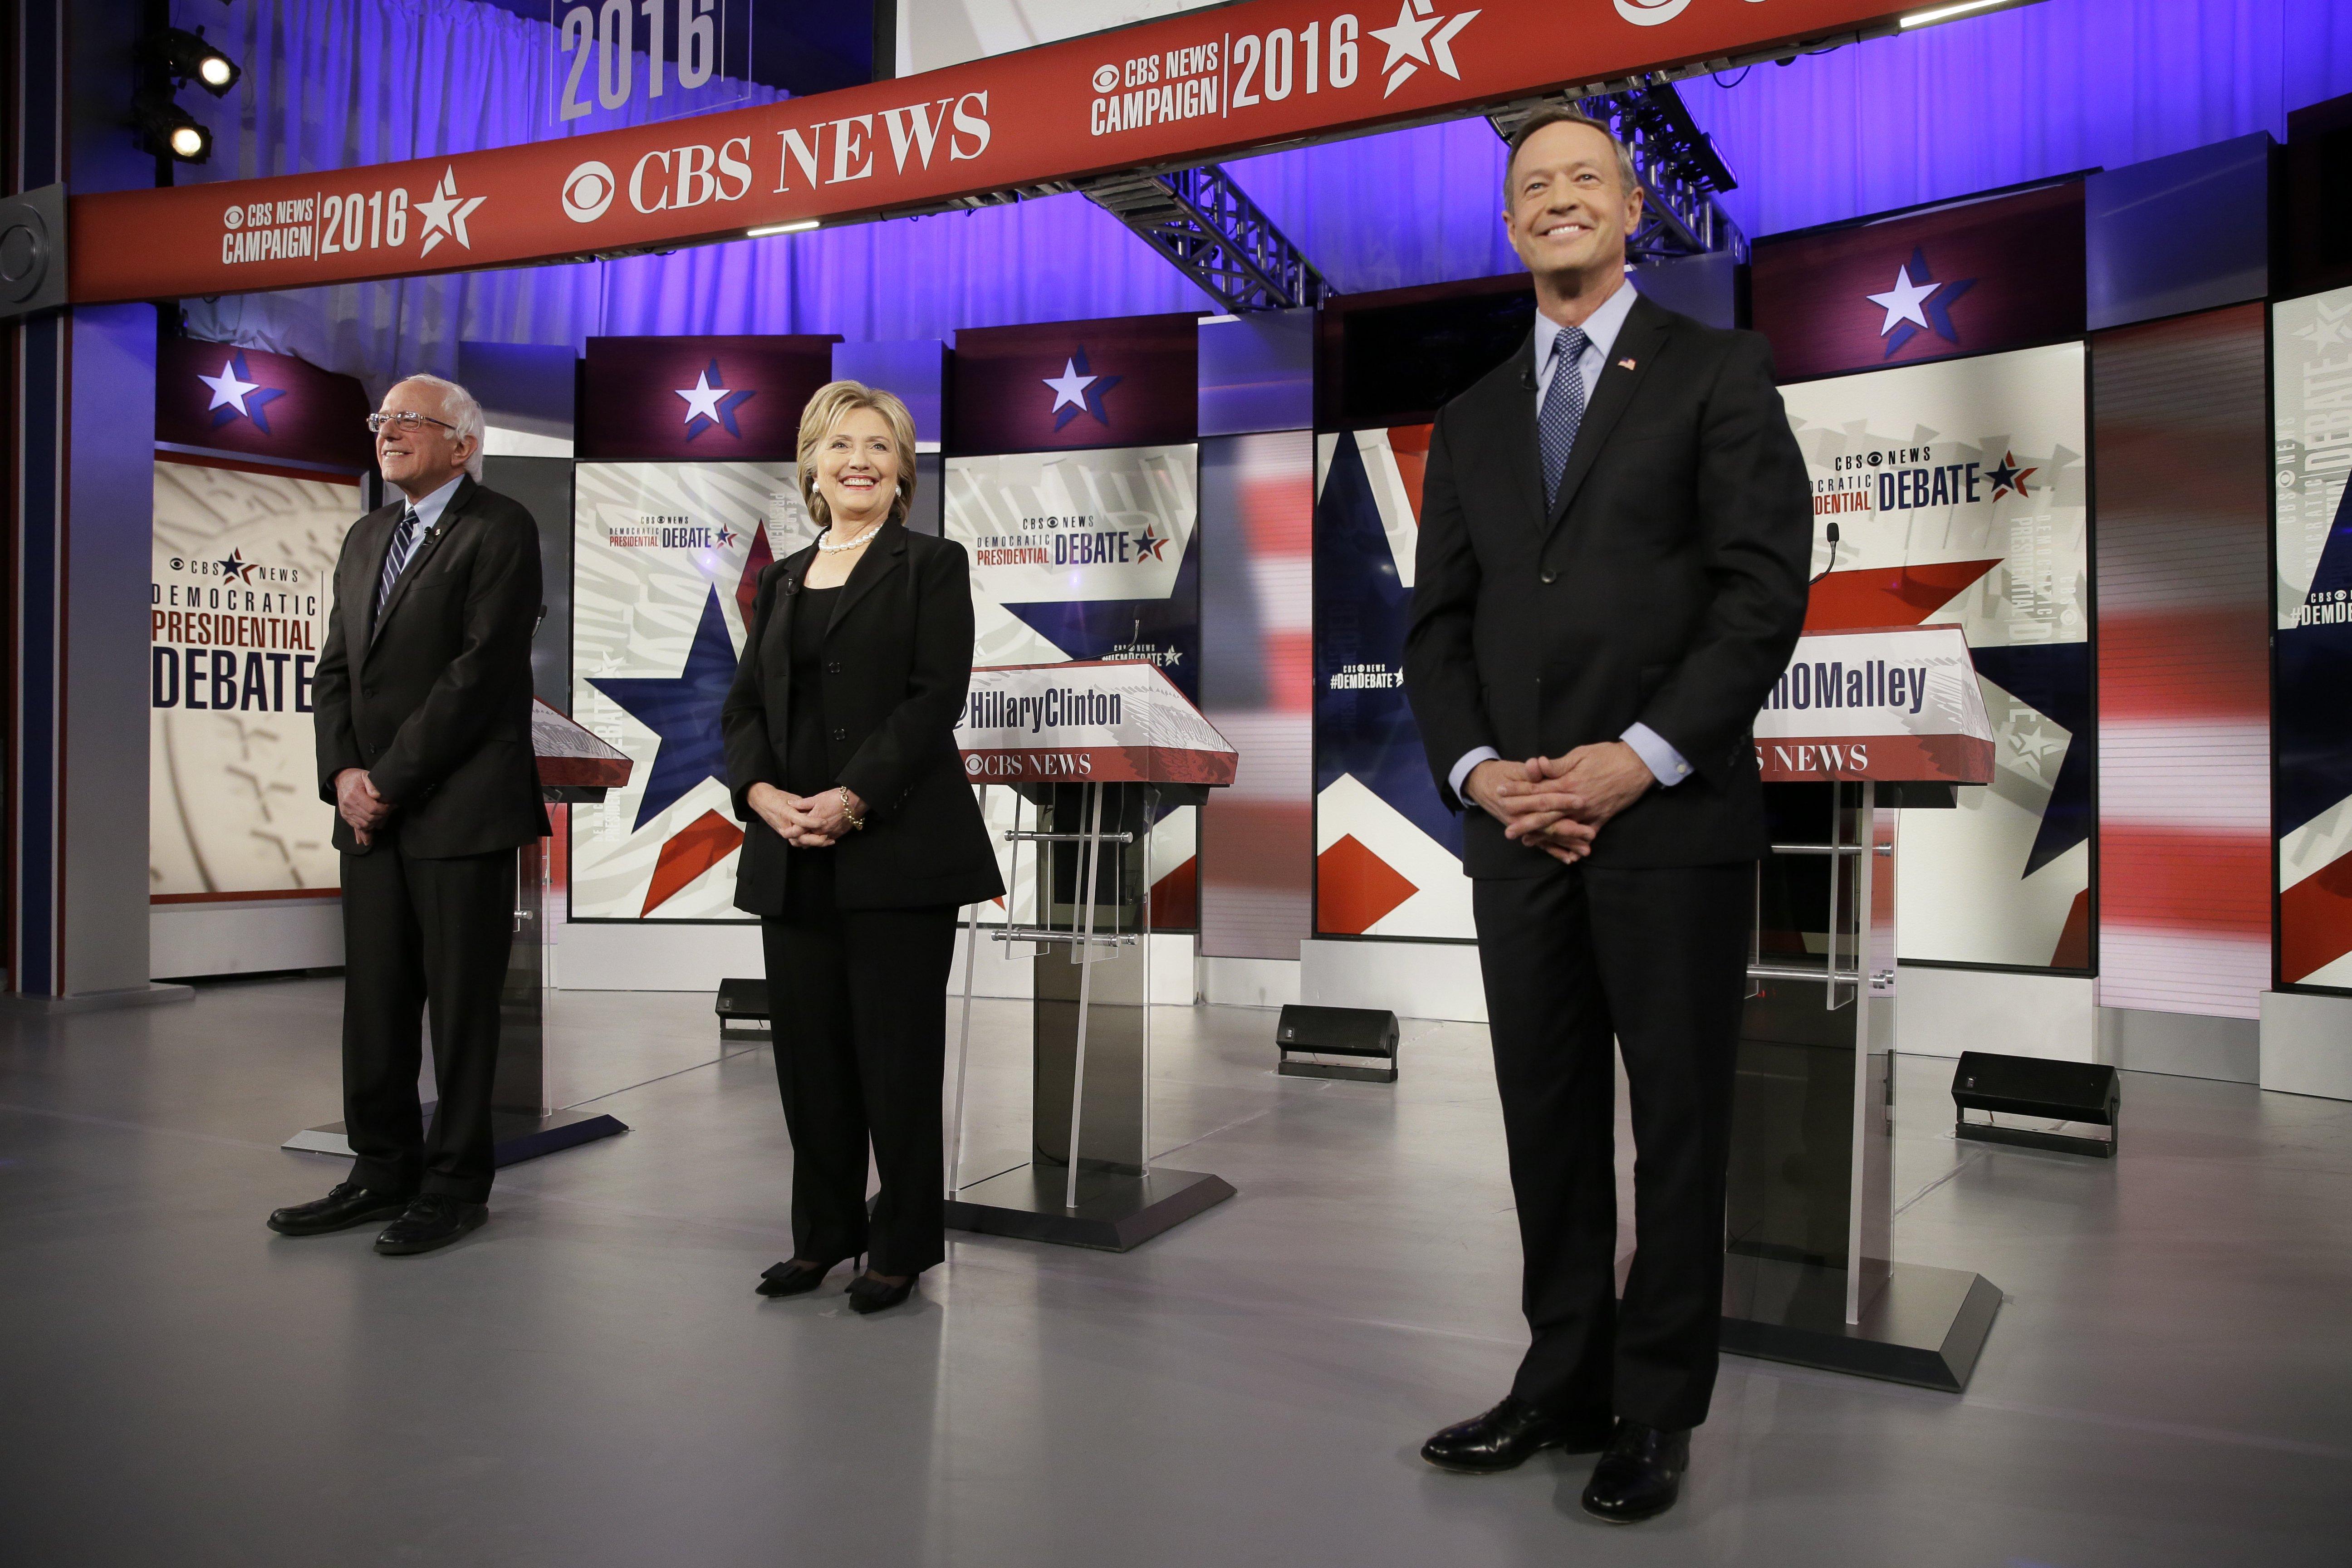 The Democratic presidential primary debate in Des Moines, IO on Nov. 14, 2015.